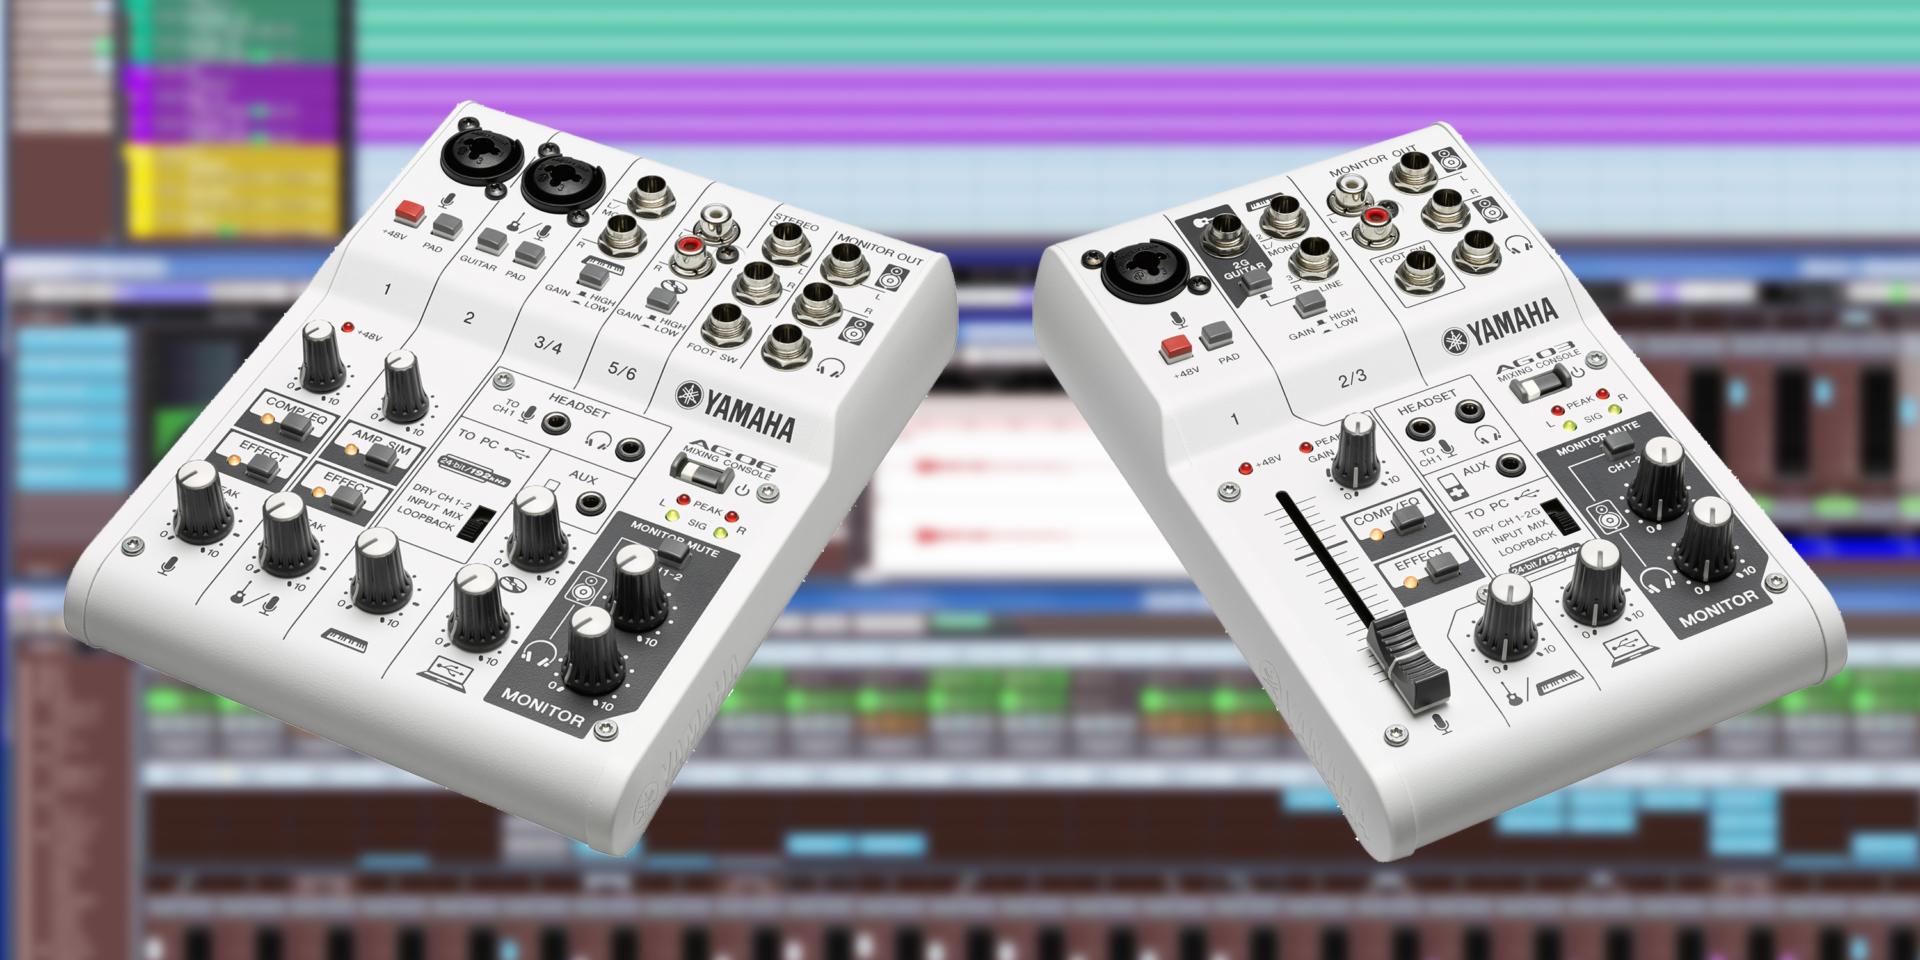 AG è un mixer multi-funzione ad alta risoluzione con interfaccia audio USB compatibile con sistemi PC, Mac e iPad. Grazie alla sua qualità sonora 192kHz/24bit AG è ideale sia per l'home recording, sia per le produzioni podcast o di contenuti musicali per i siti di streaming live.